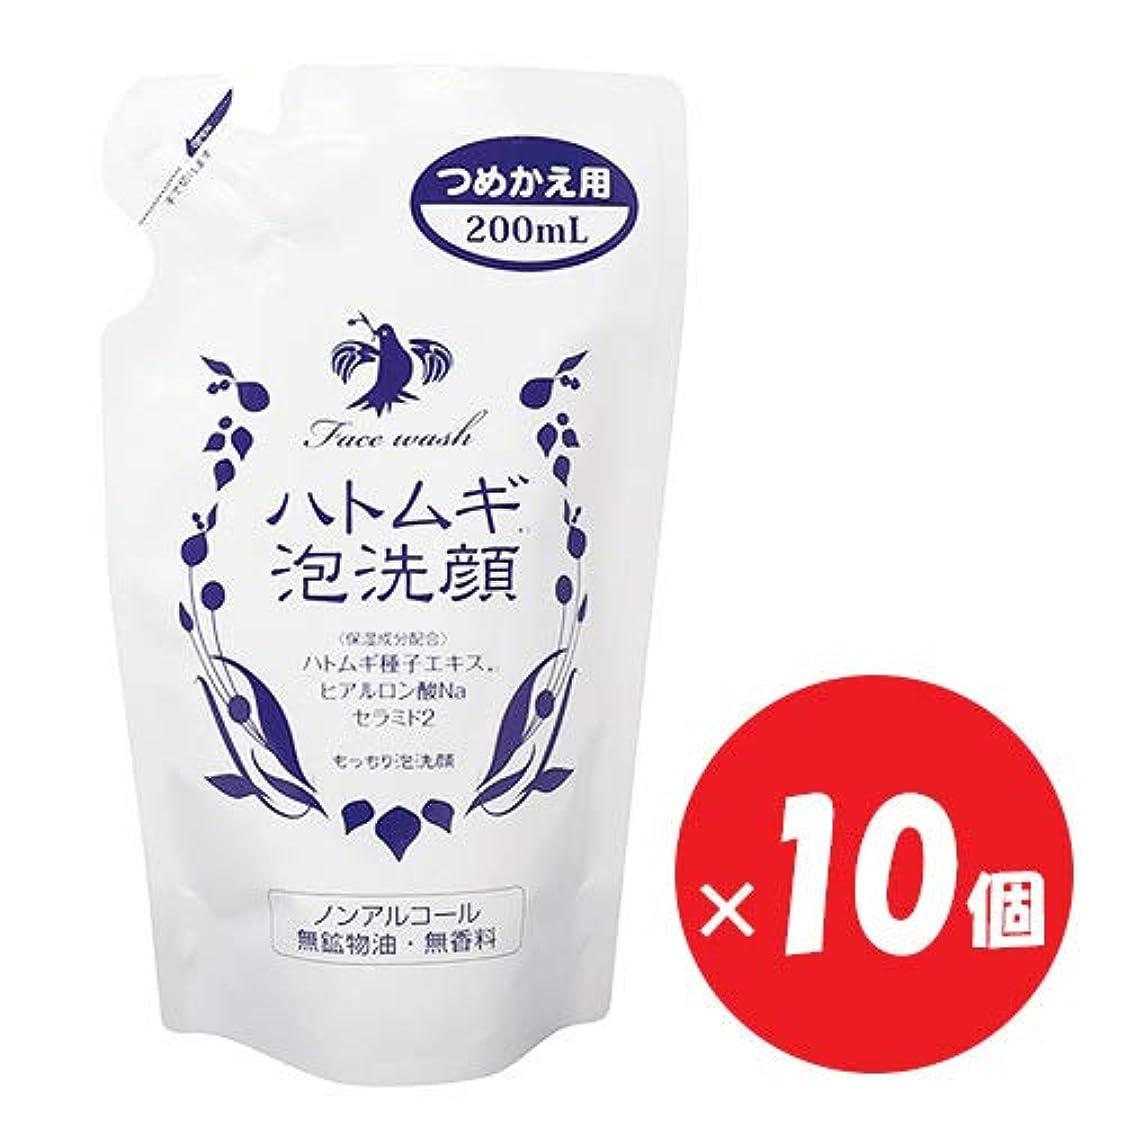 証拠タイトオピエートハトムギ泡洗顔 つめかえ用 200mL×10個セット